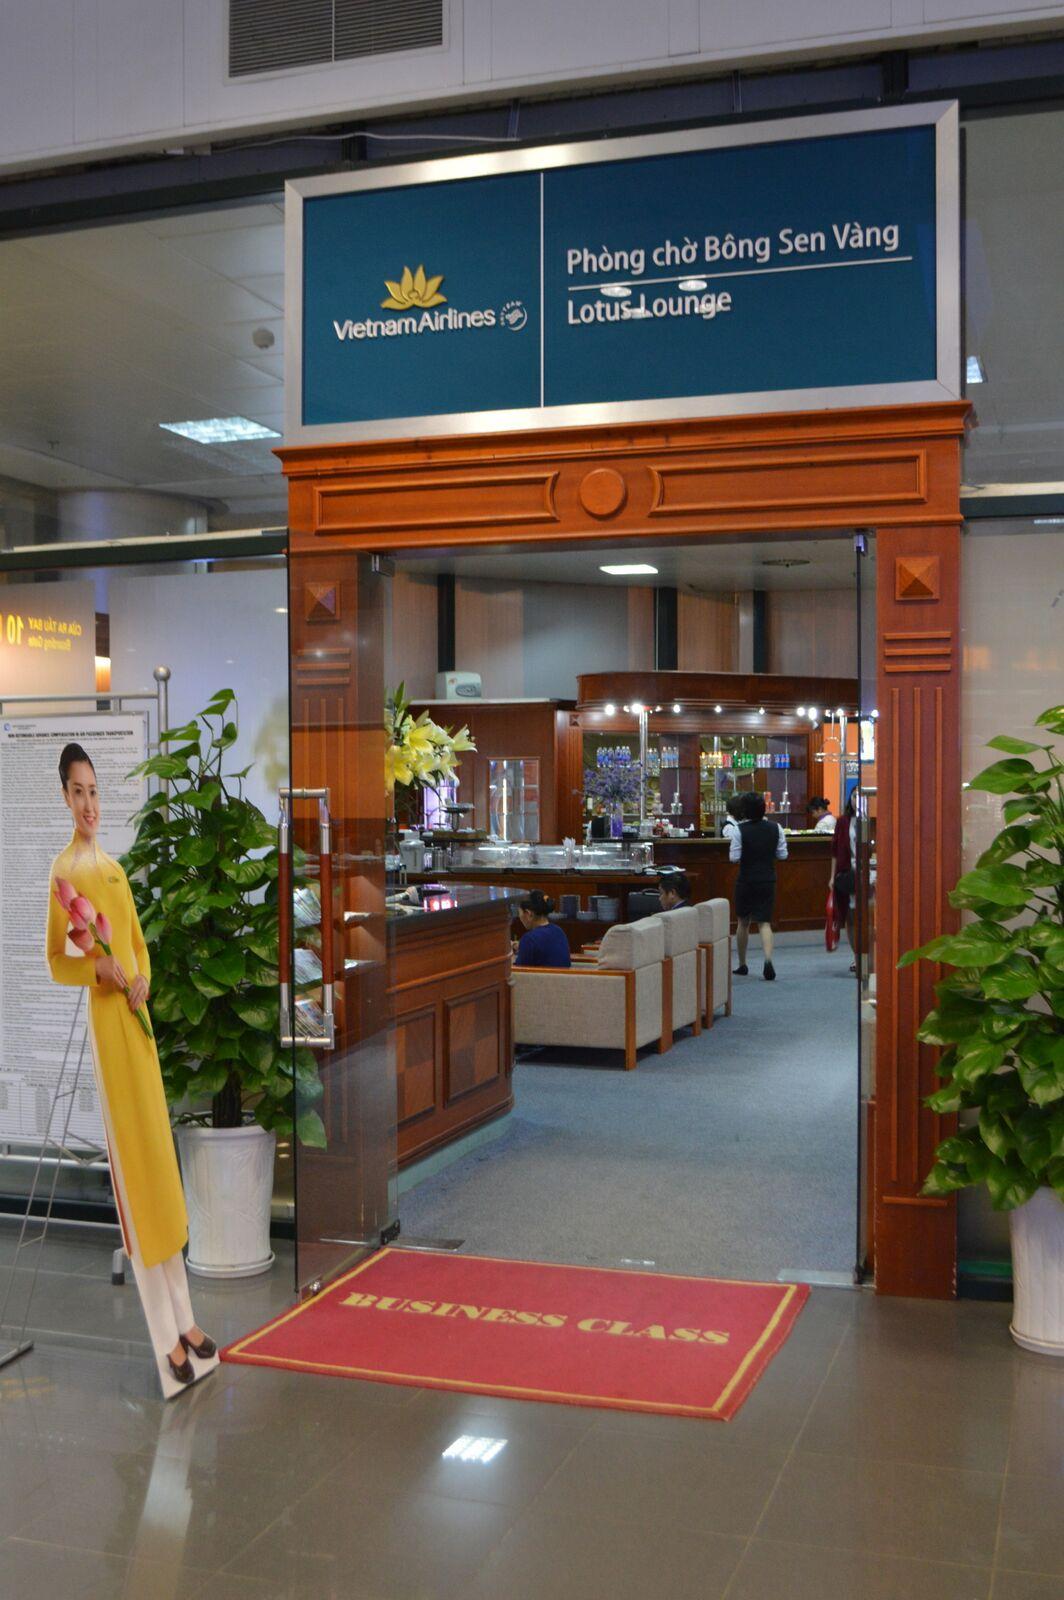 Indgangen til Vietnam Airlines lounge. Foto: Jens Fisker